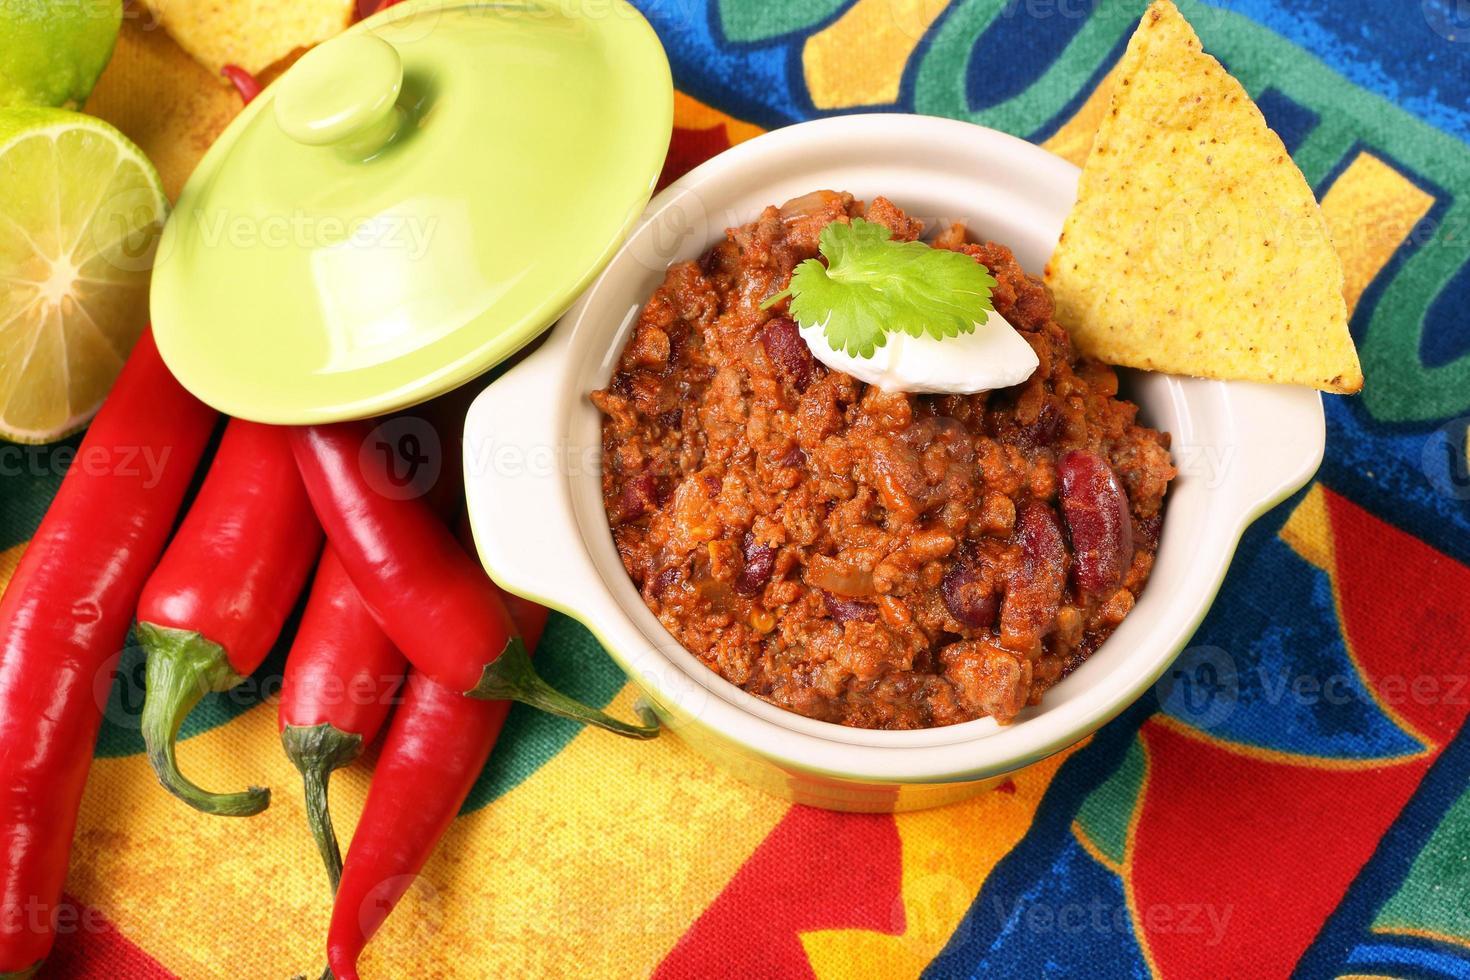 chili con carne en nacho's foto